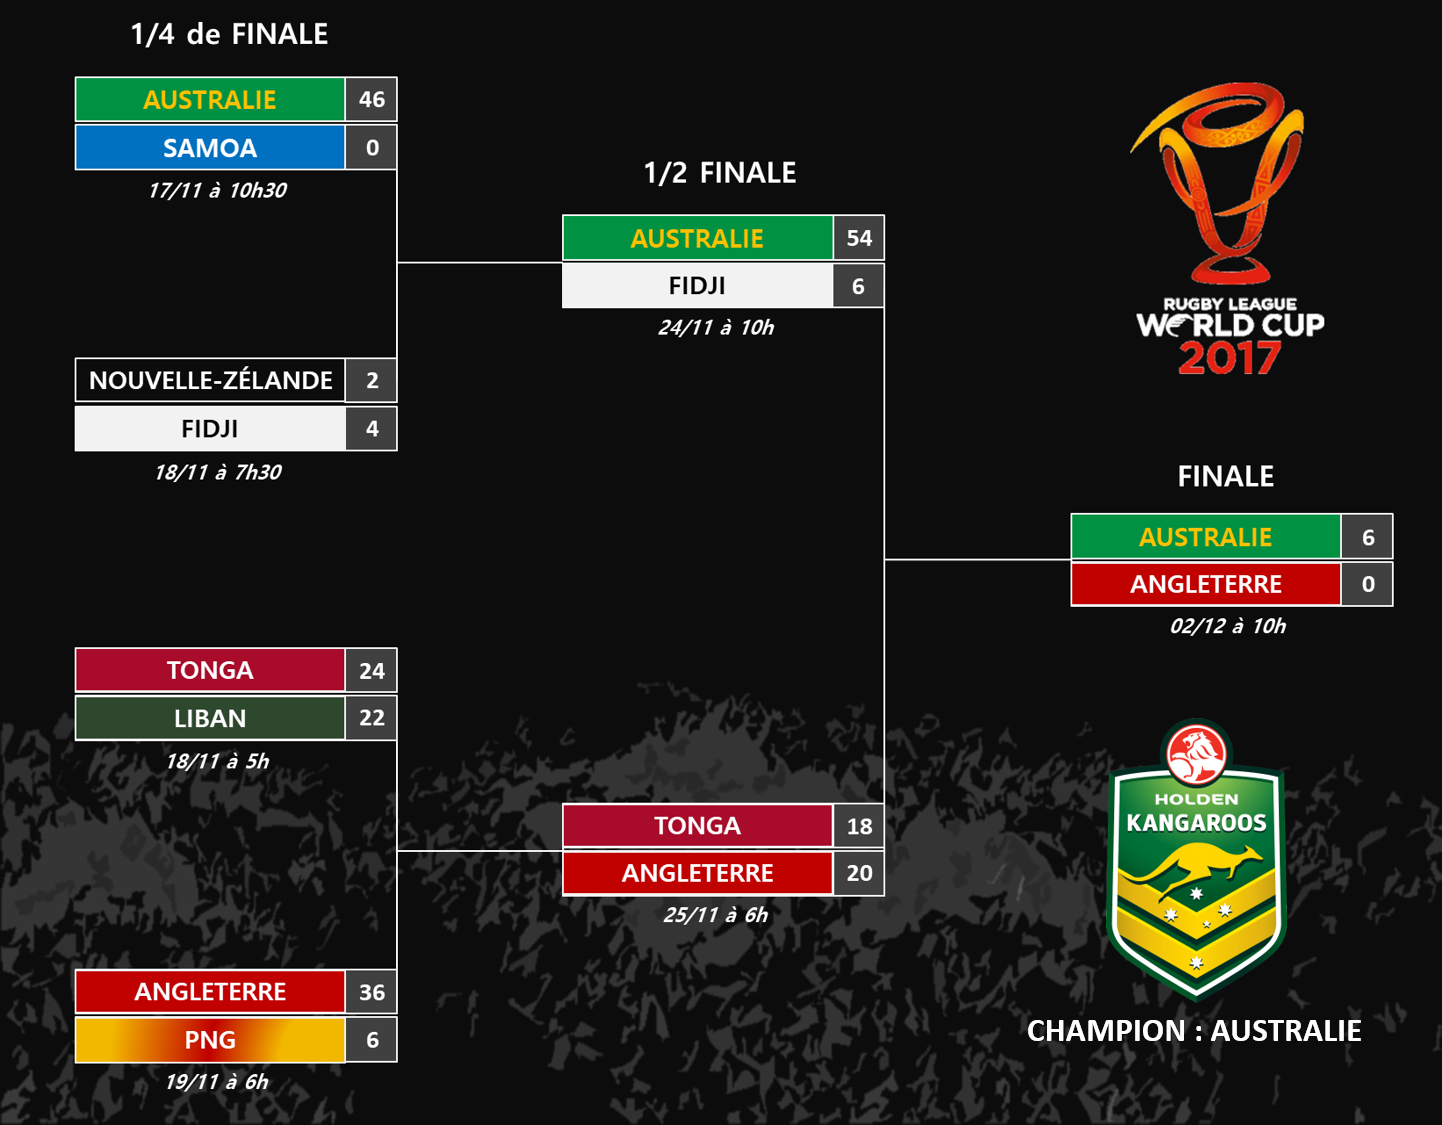 Tableau final - RLWC 2017